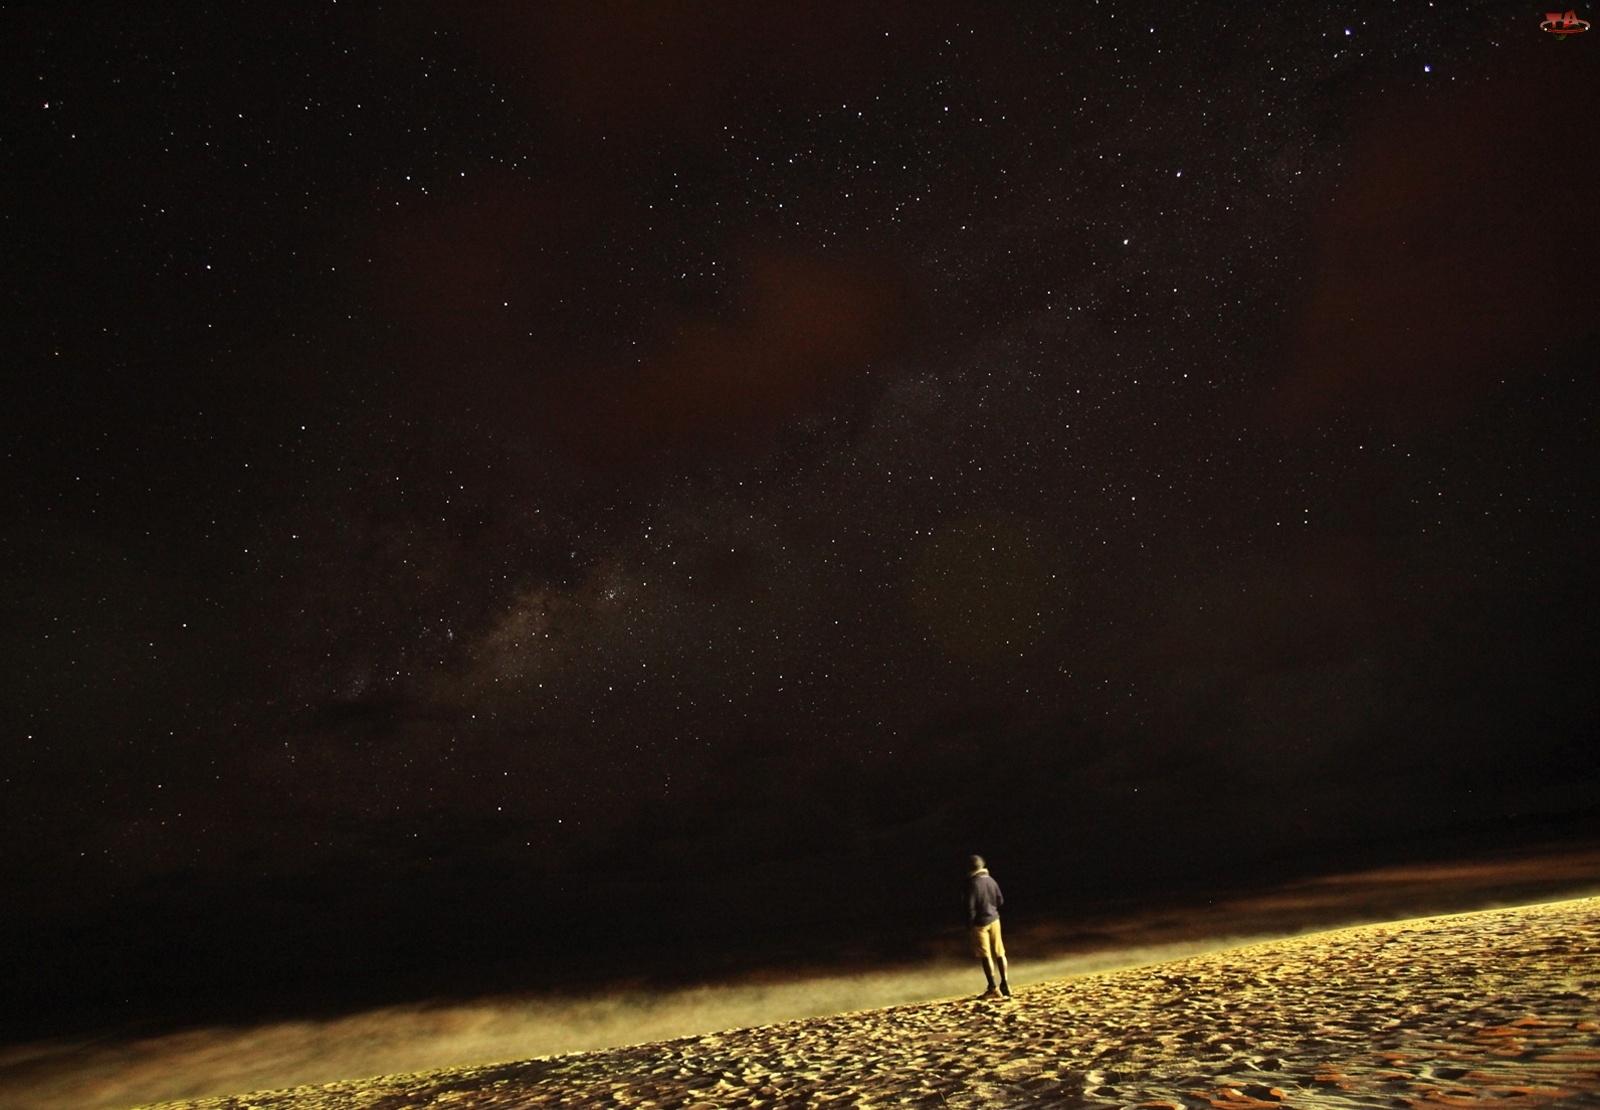 Gwiazdozbiór, Obserwator, Niebo, Mgławica